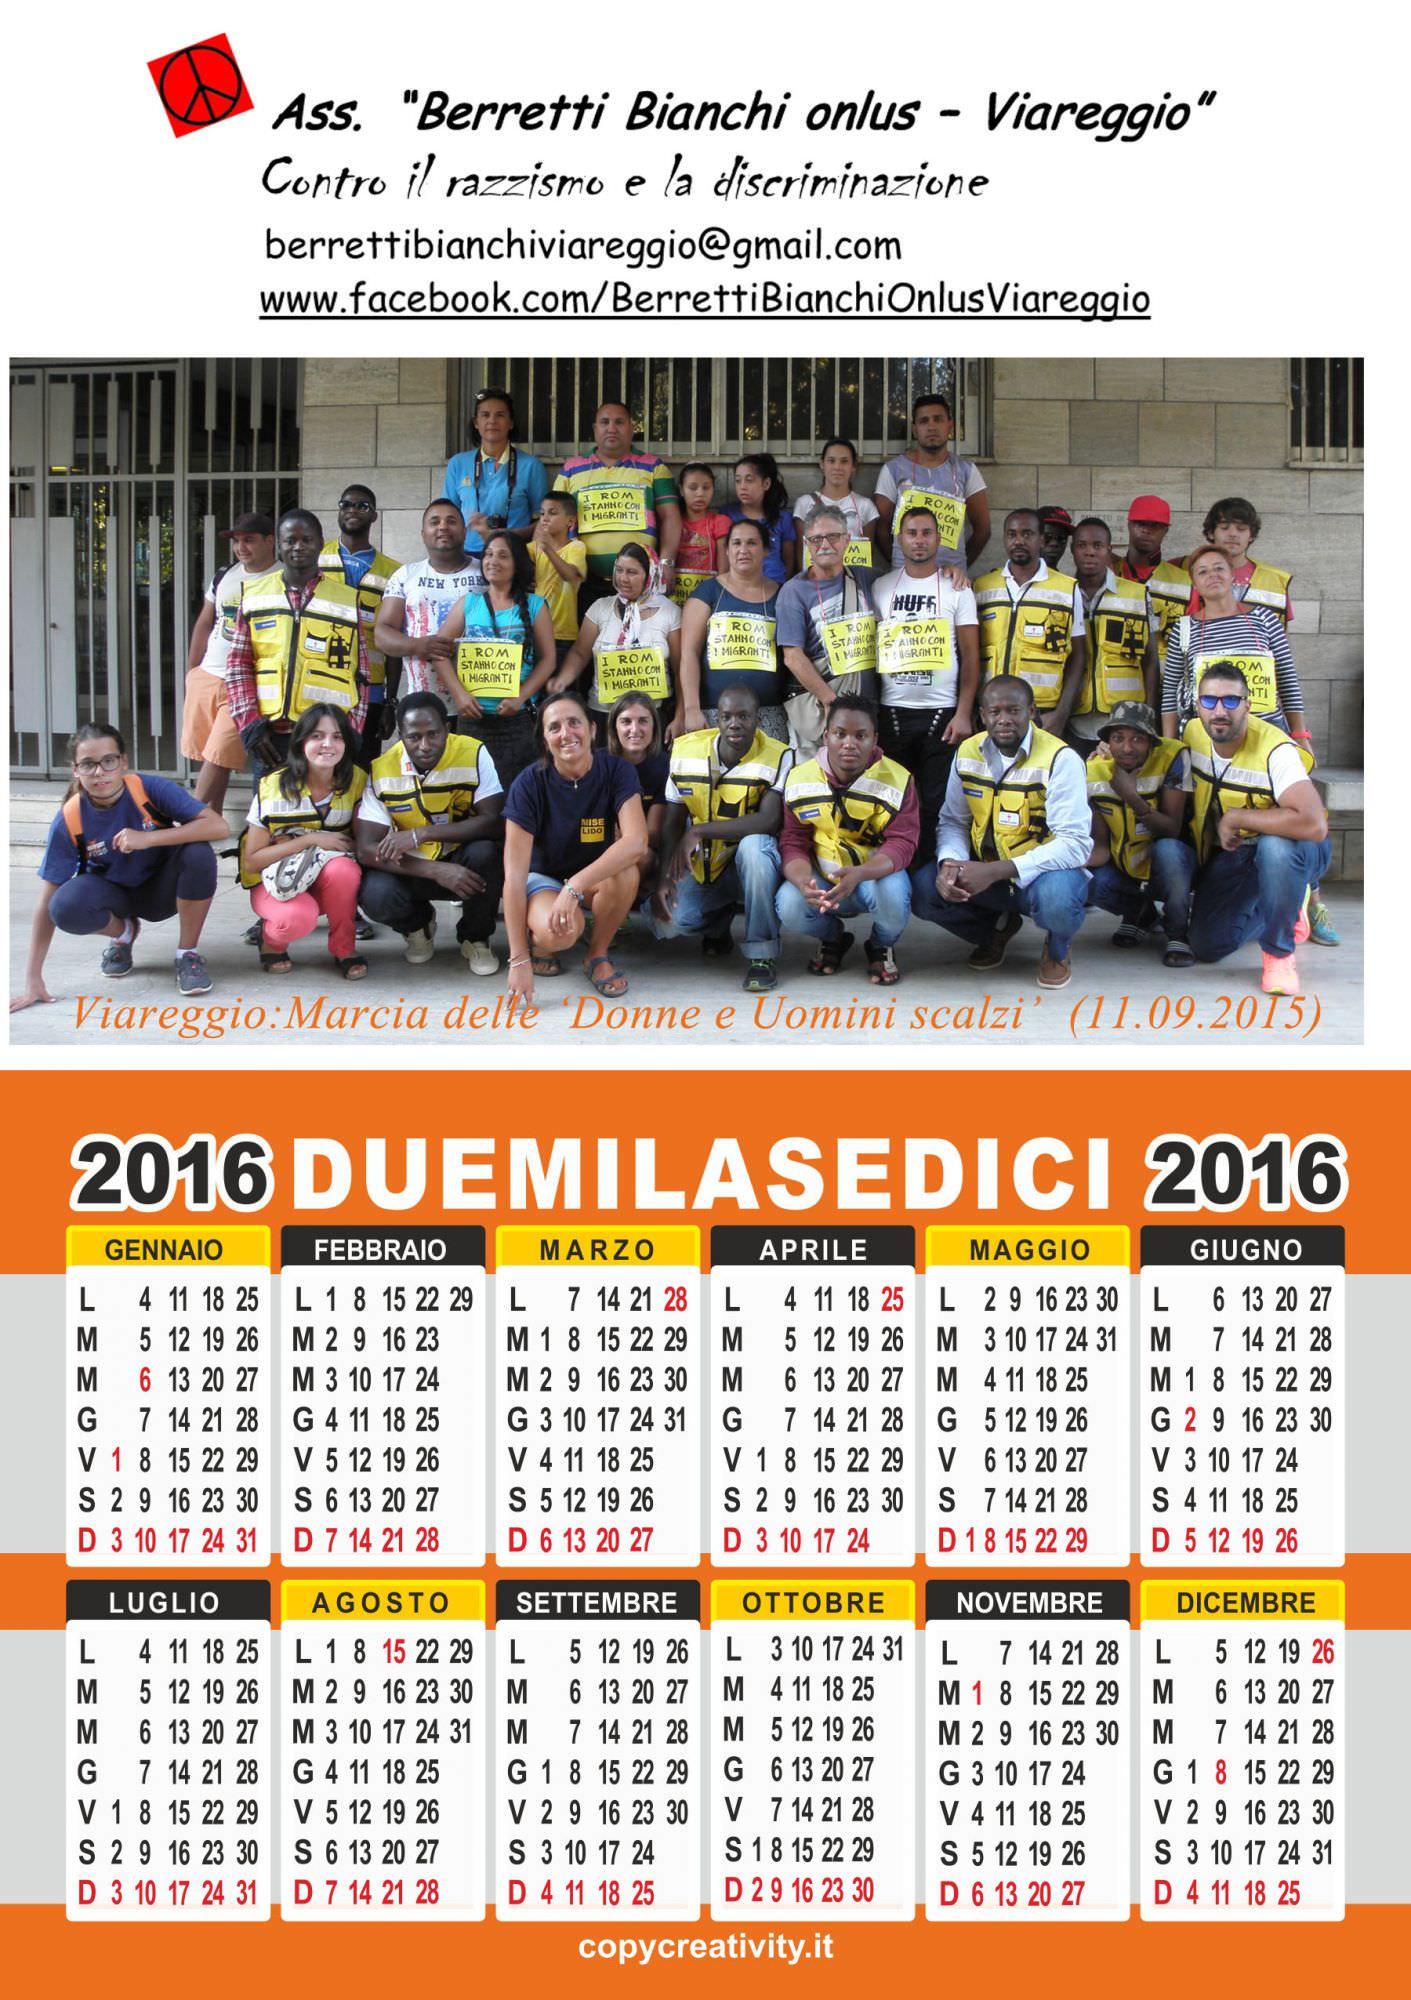 Il calendario 2016 dei Berretti Bianchi dedicato ai migranti